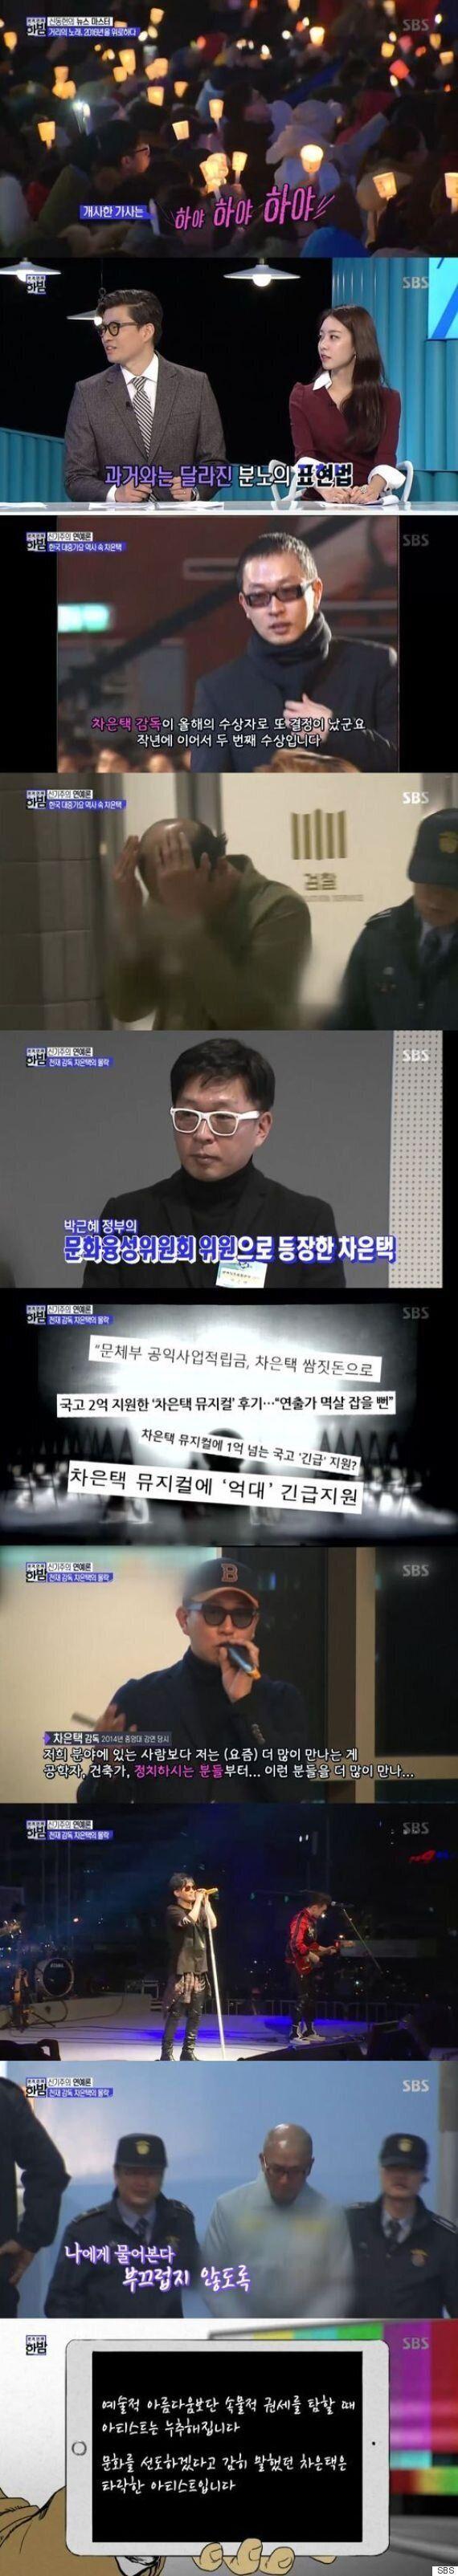 [어저께TV] '한밤' 차은택 조명한 첫방, 차별화